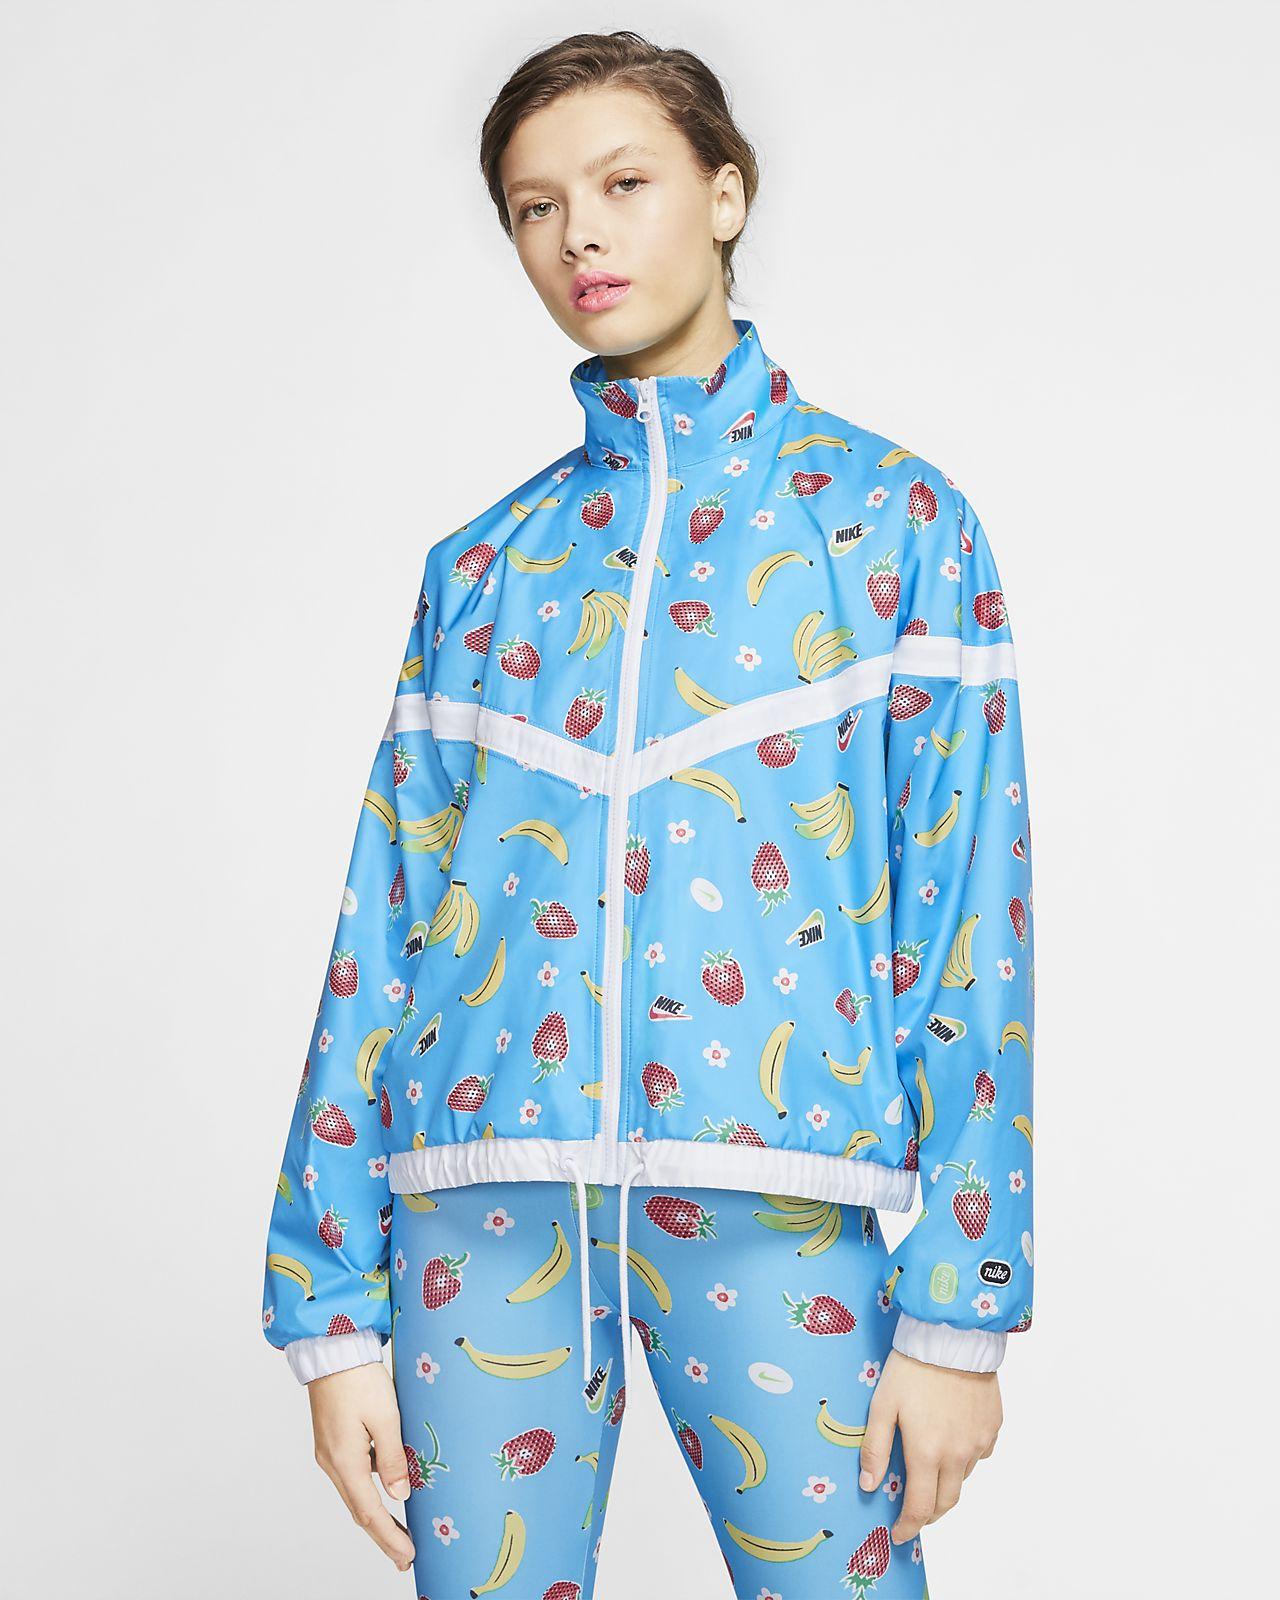 Nike Sportswear Women's Woven Printed Jacket